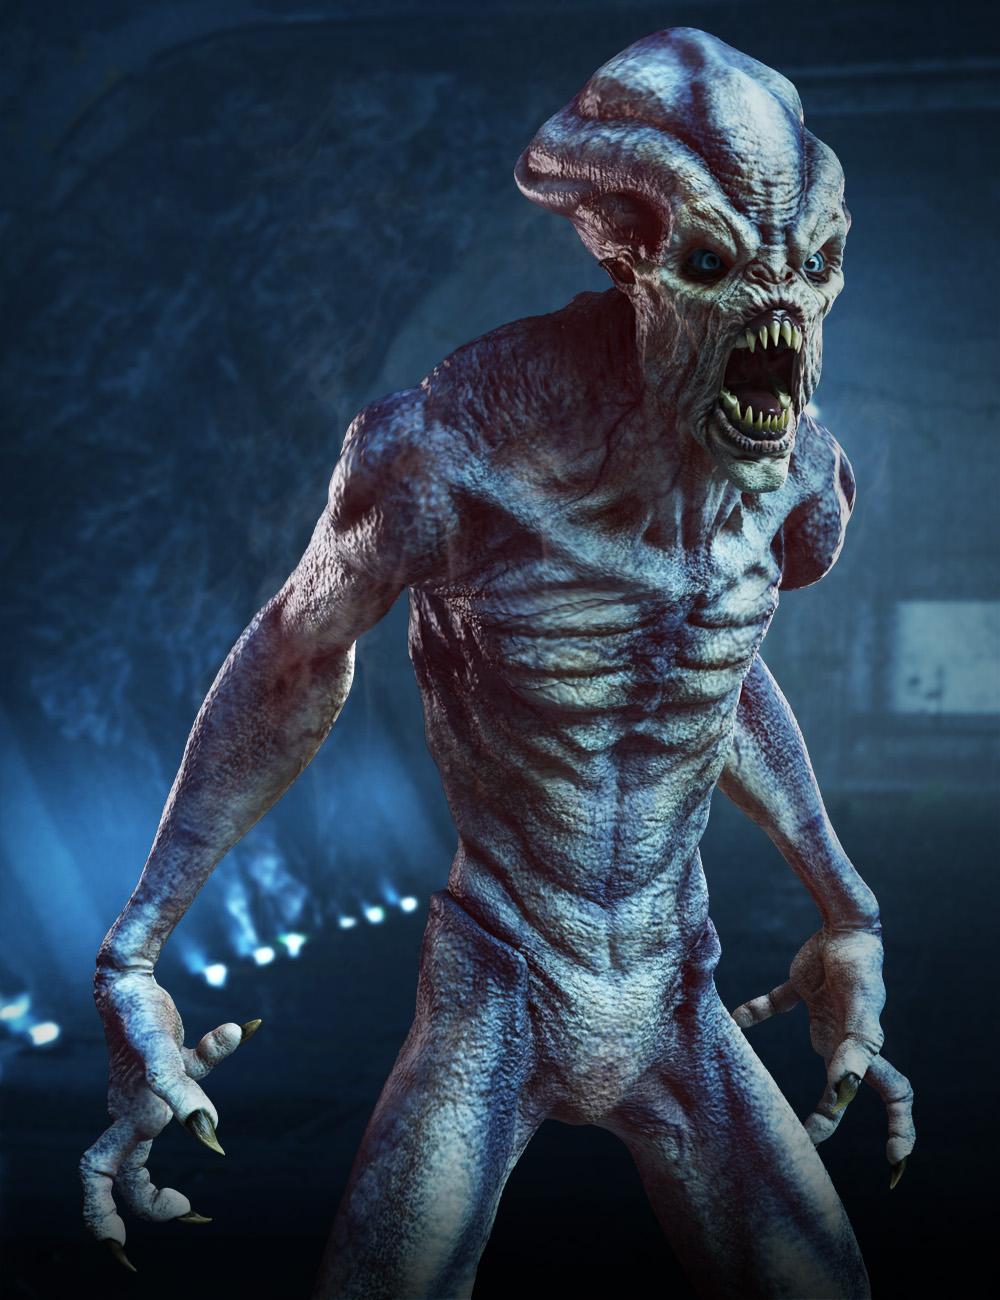 The Outlander HD for Genesis 8 Male by: Josh Crockett, 3D Models by Daz 3D